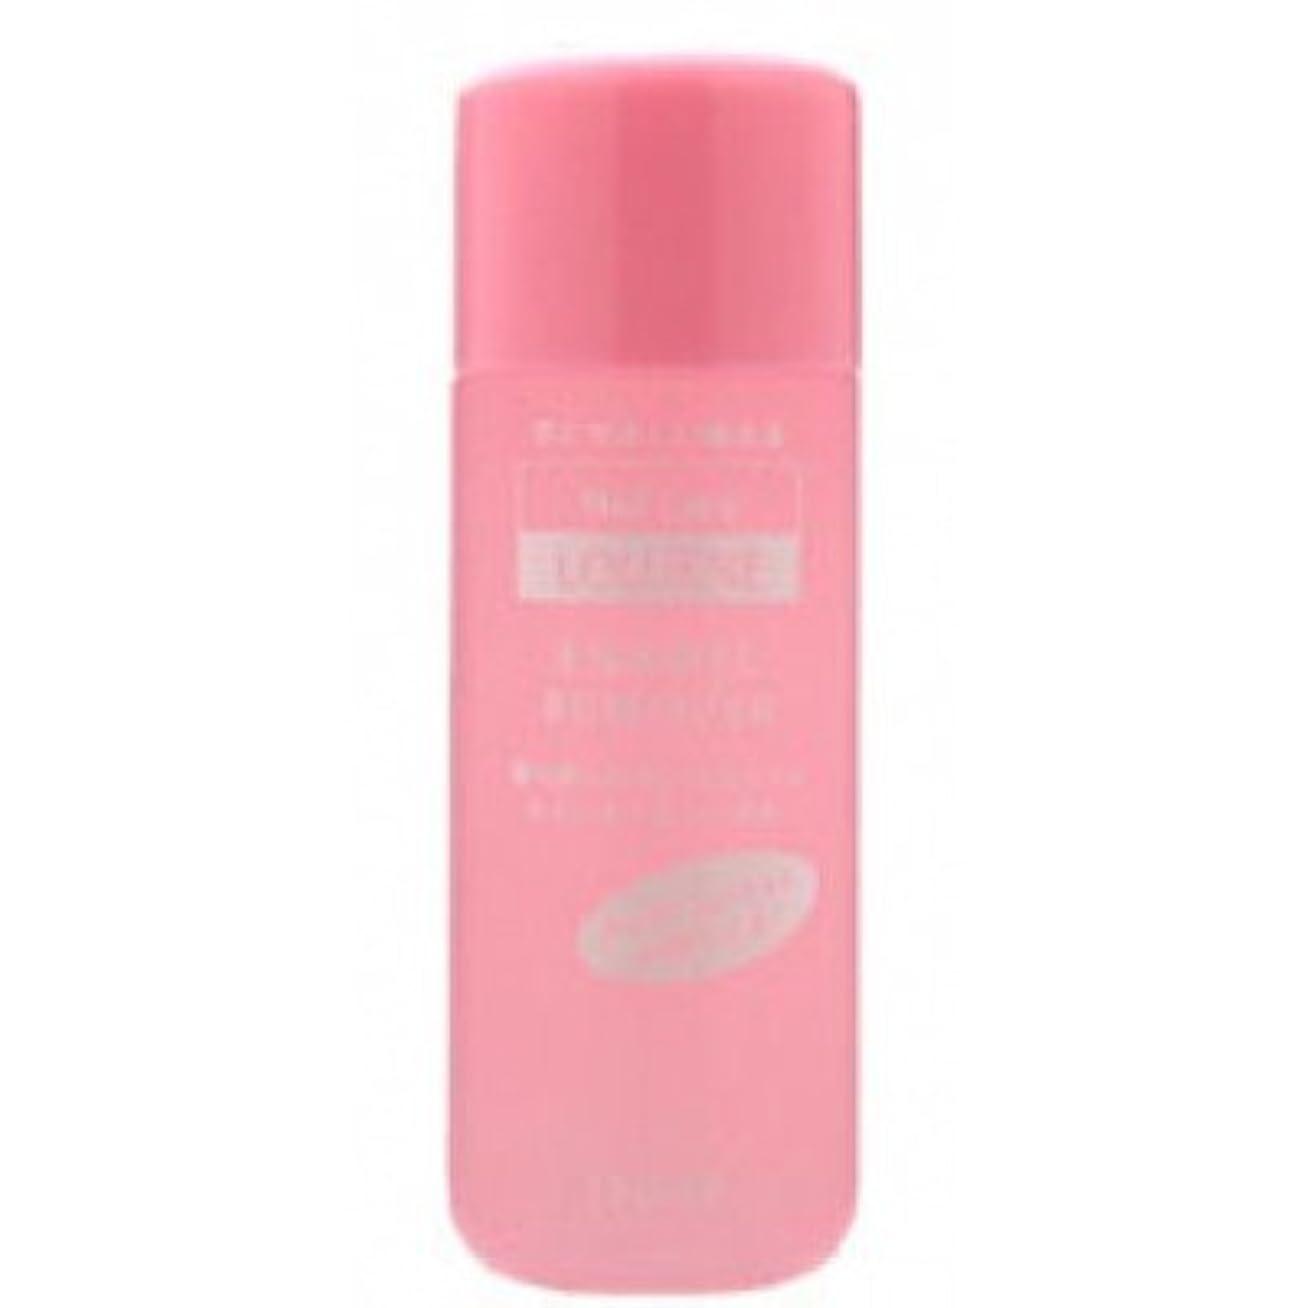 ランダム純粋なドラムネイルエナメルリムーバー 150ml (ピンク)